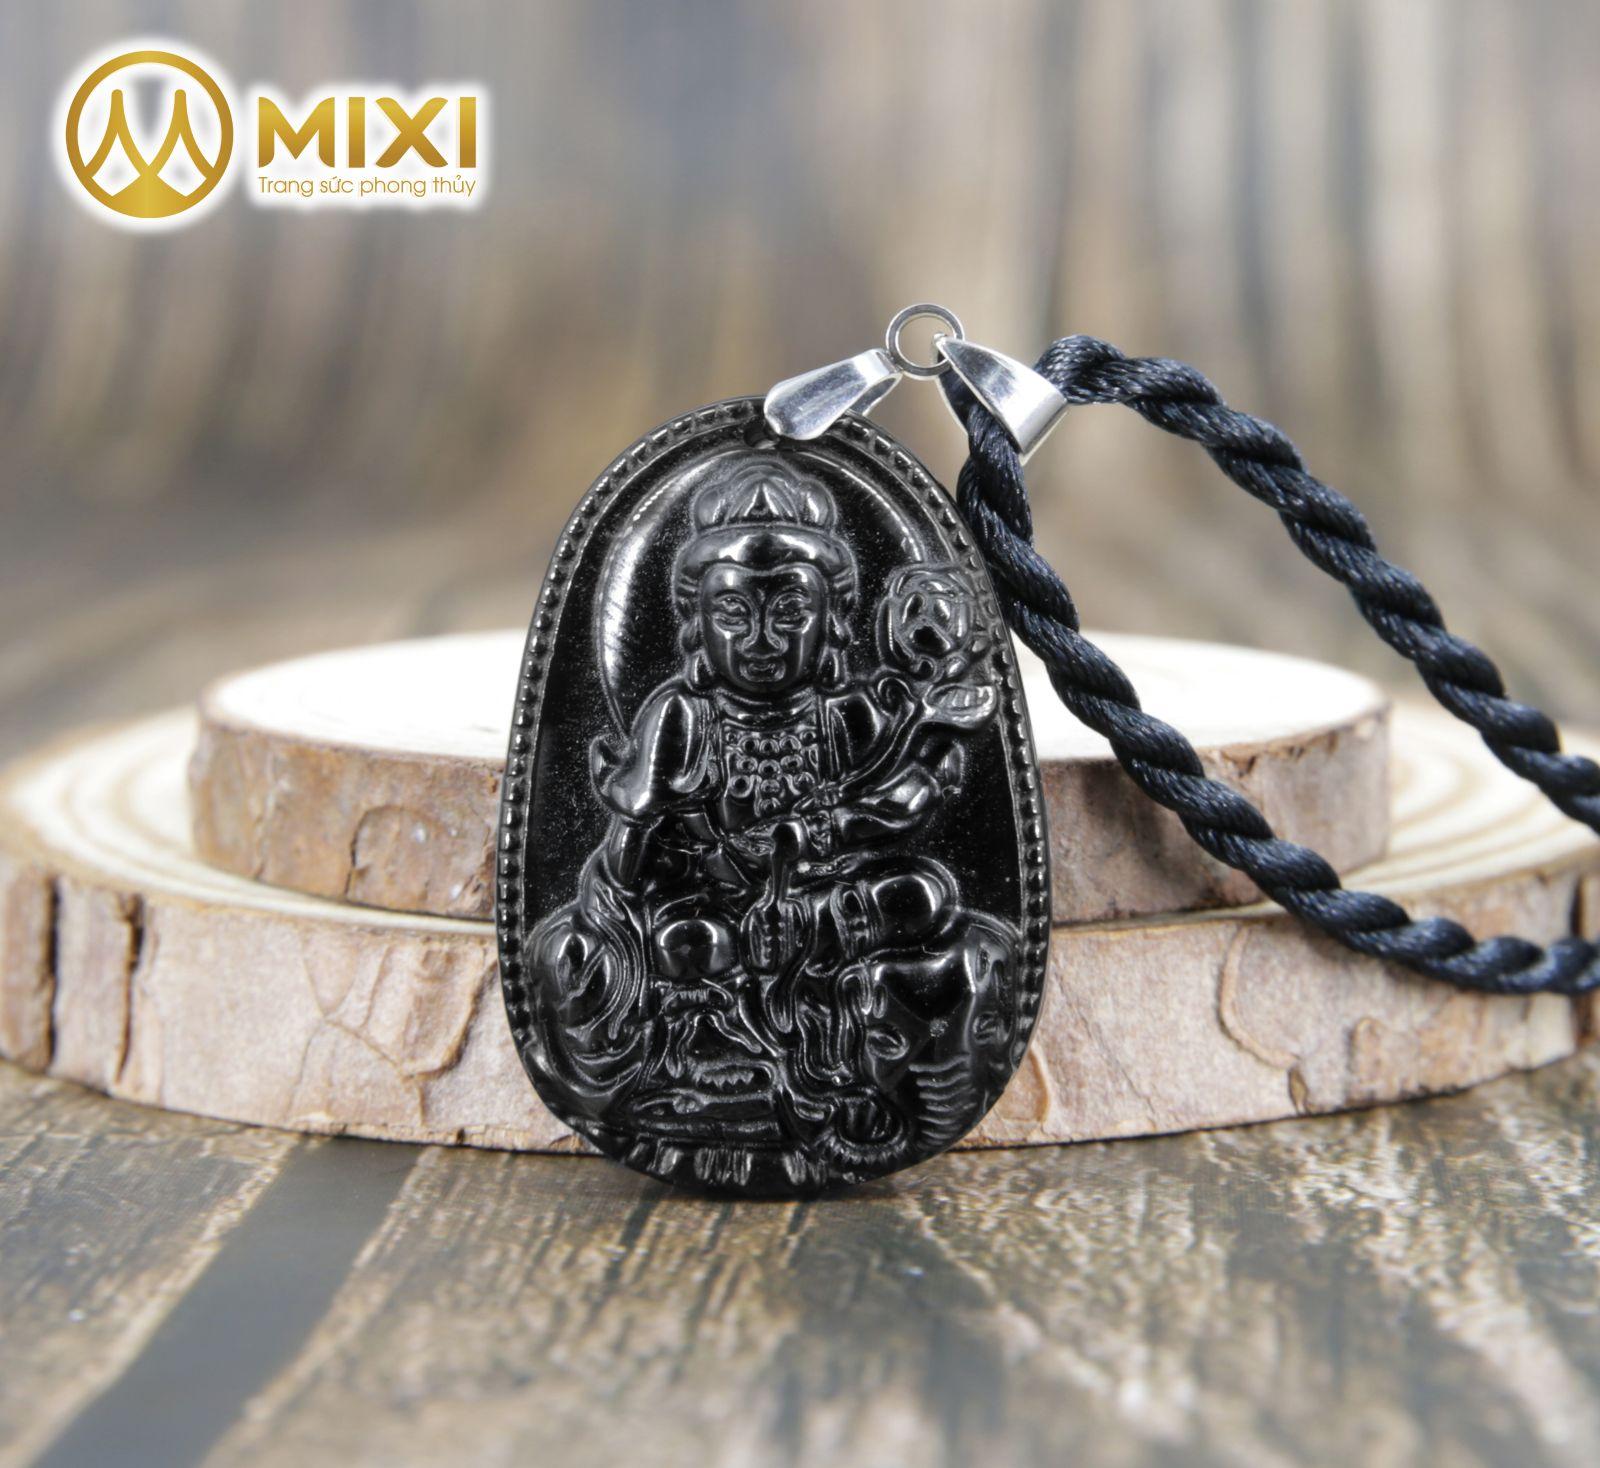 PBM Phổ Hiền Bồ Tát Núi Lửa Obsidian_Nhỏ